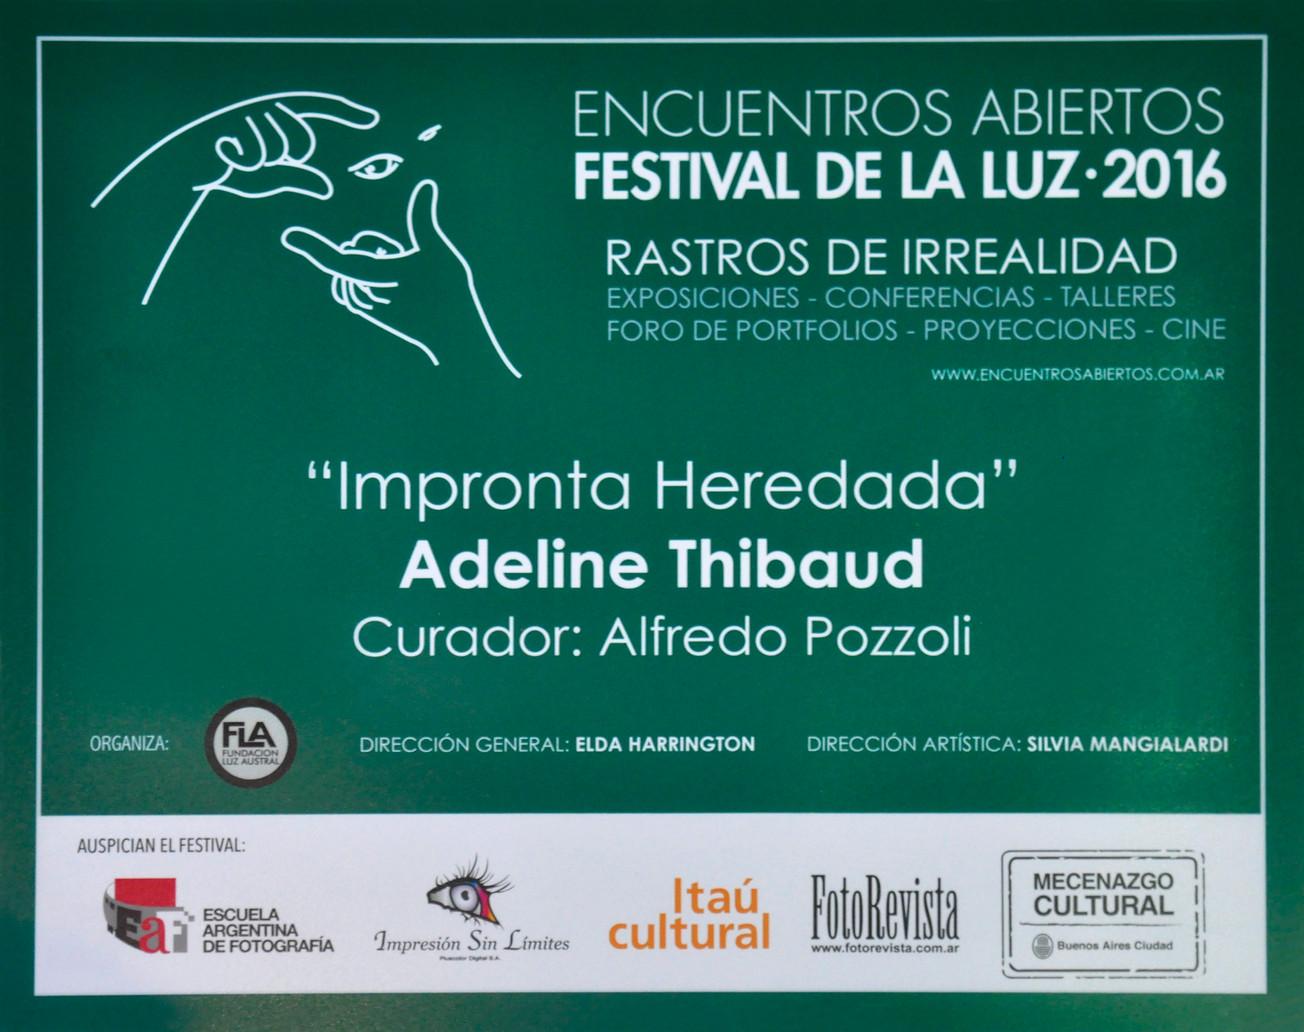 2016 Festival de la Luz .jpg